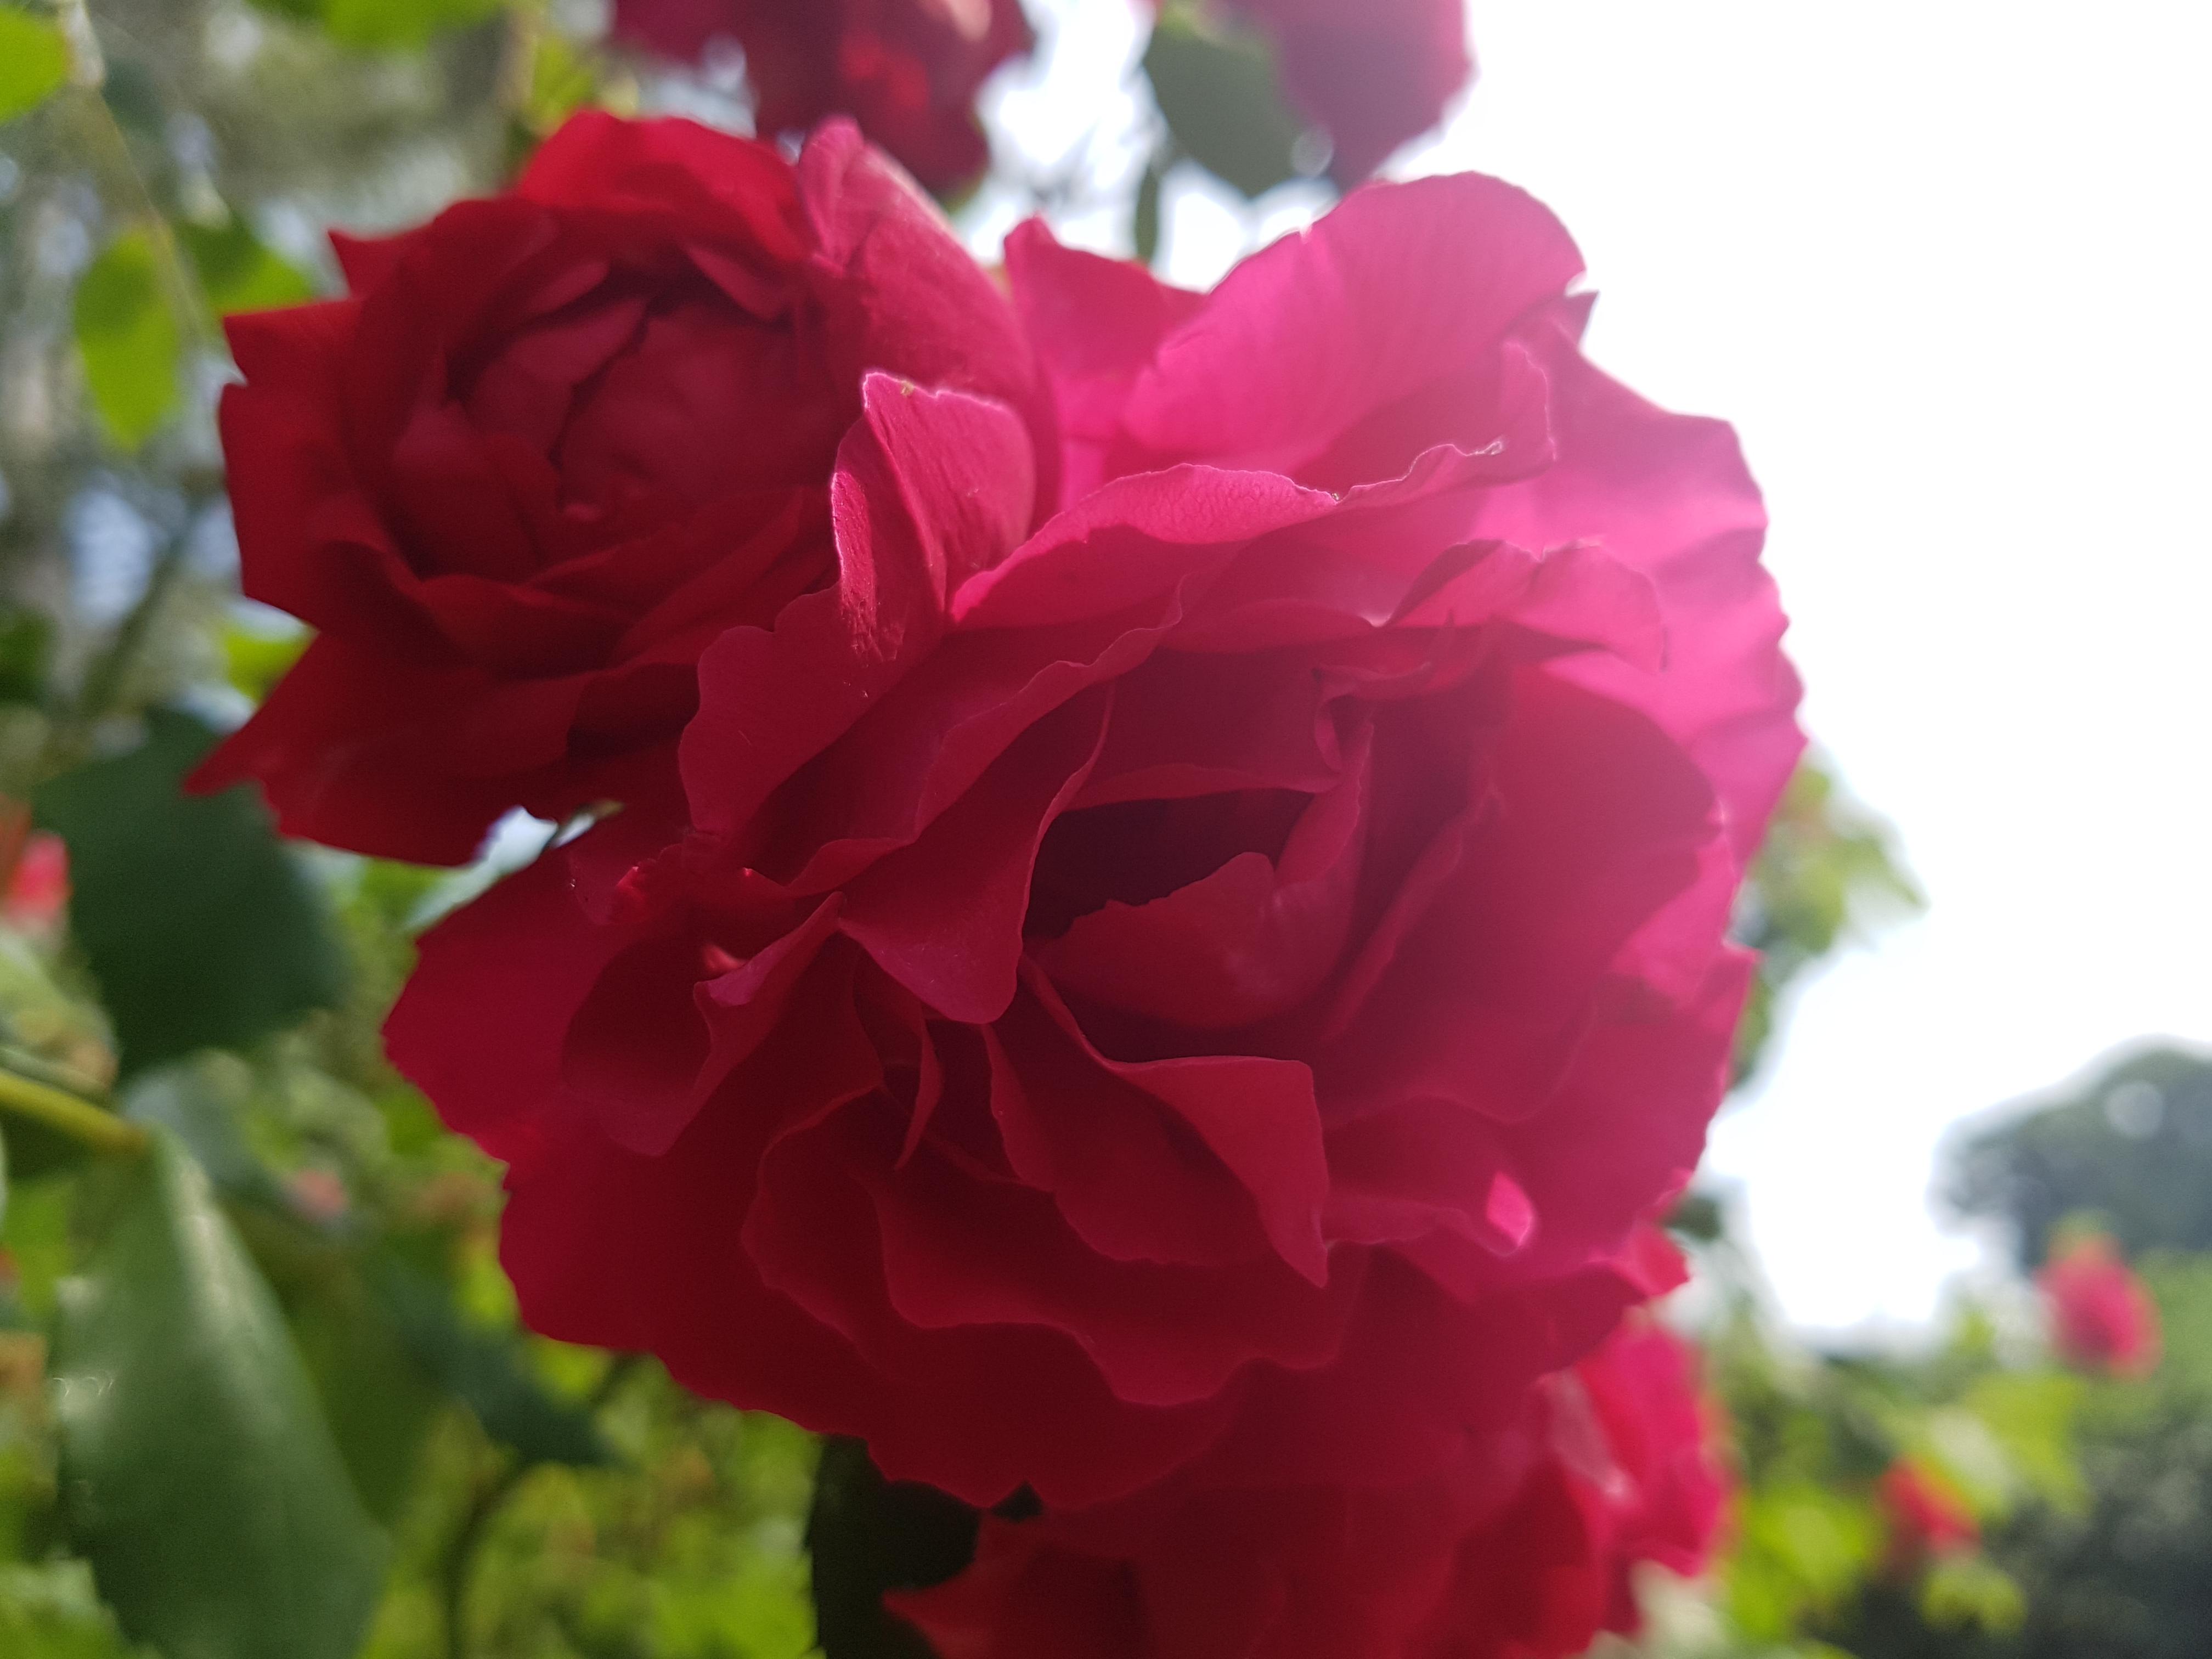 Das Foto zeigt eine rote Blume, im Hintergrund sind ein Teil des Himmels sowie Grün und weitere Pflanzen zu erkennen.